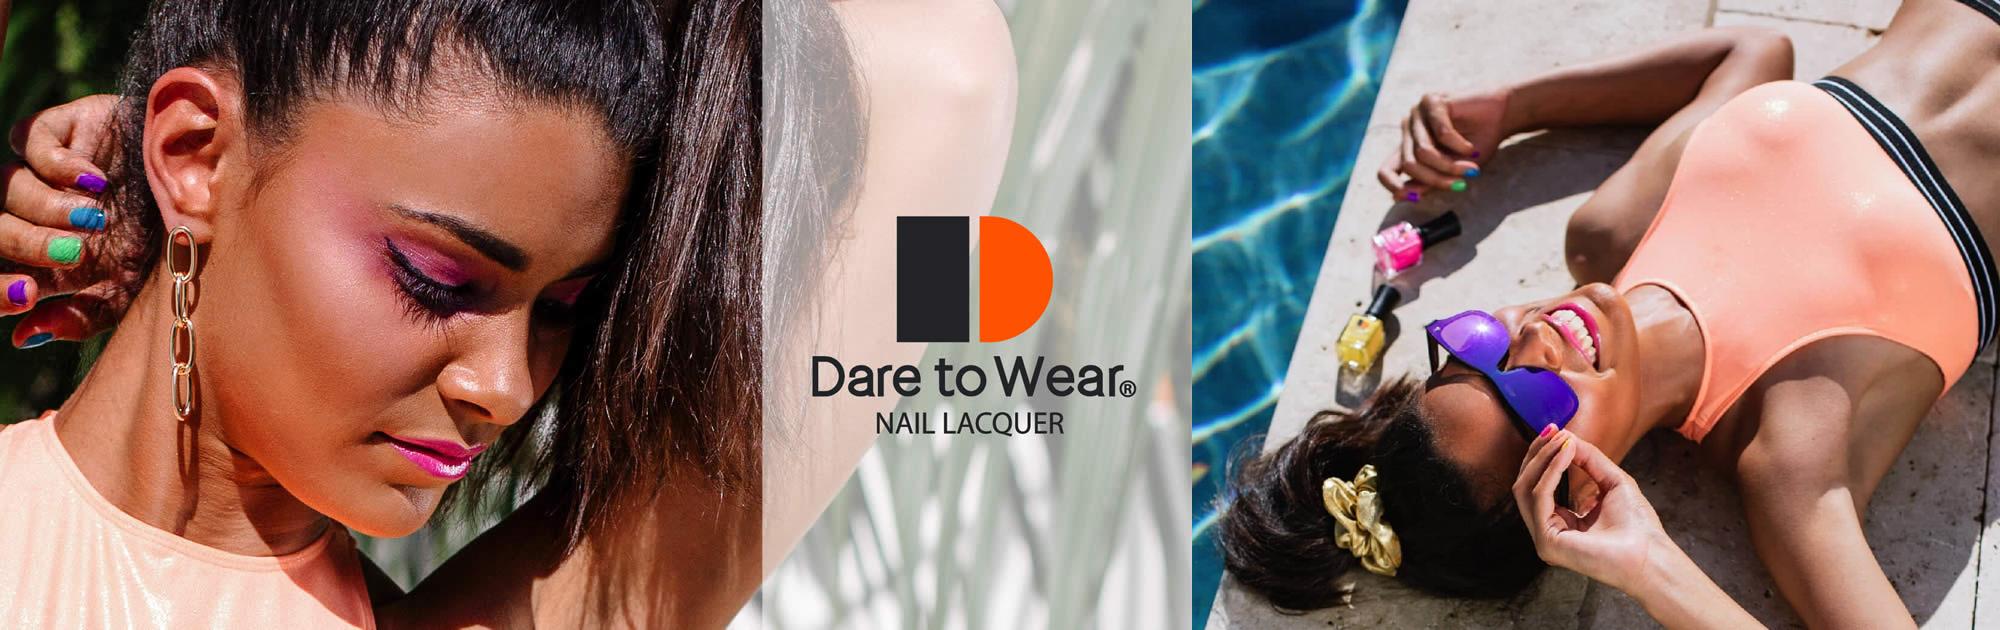 dare-to-wear-banner-02-26-2020.jpg